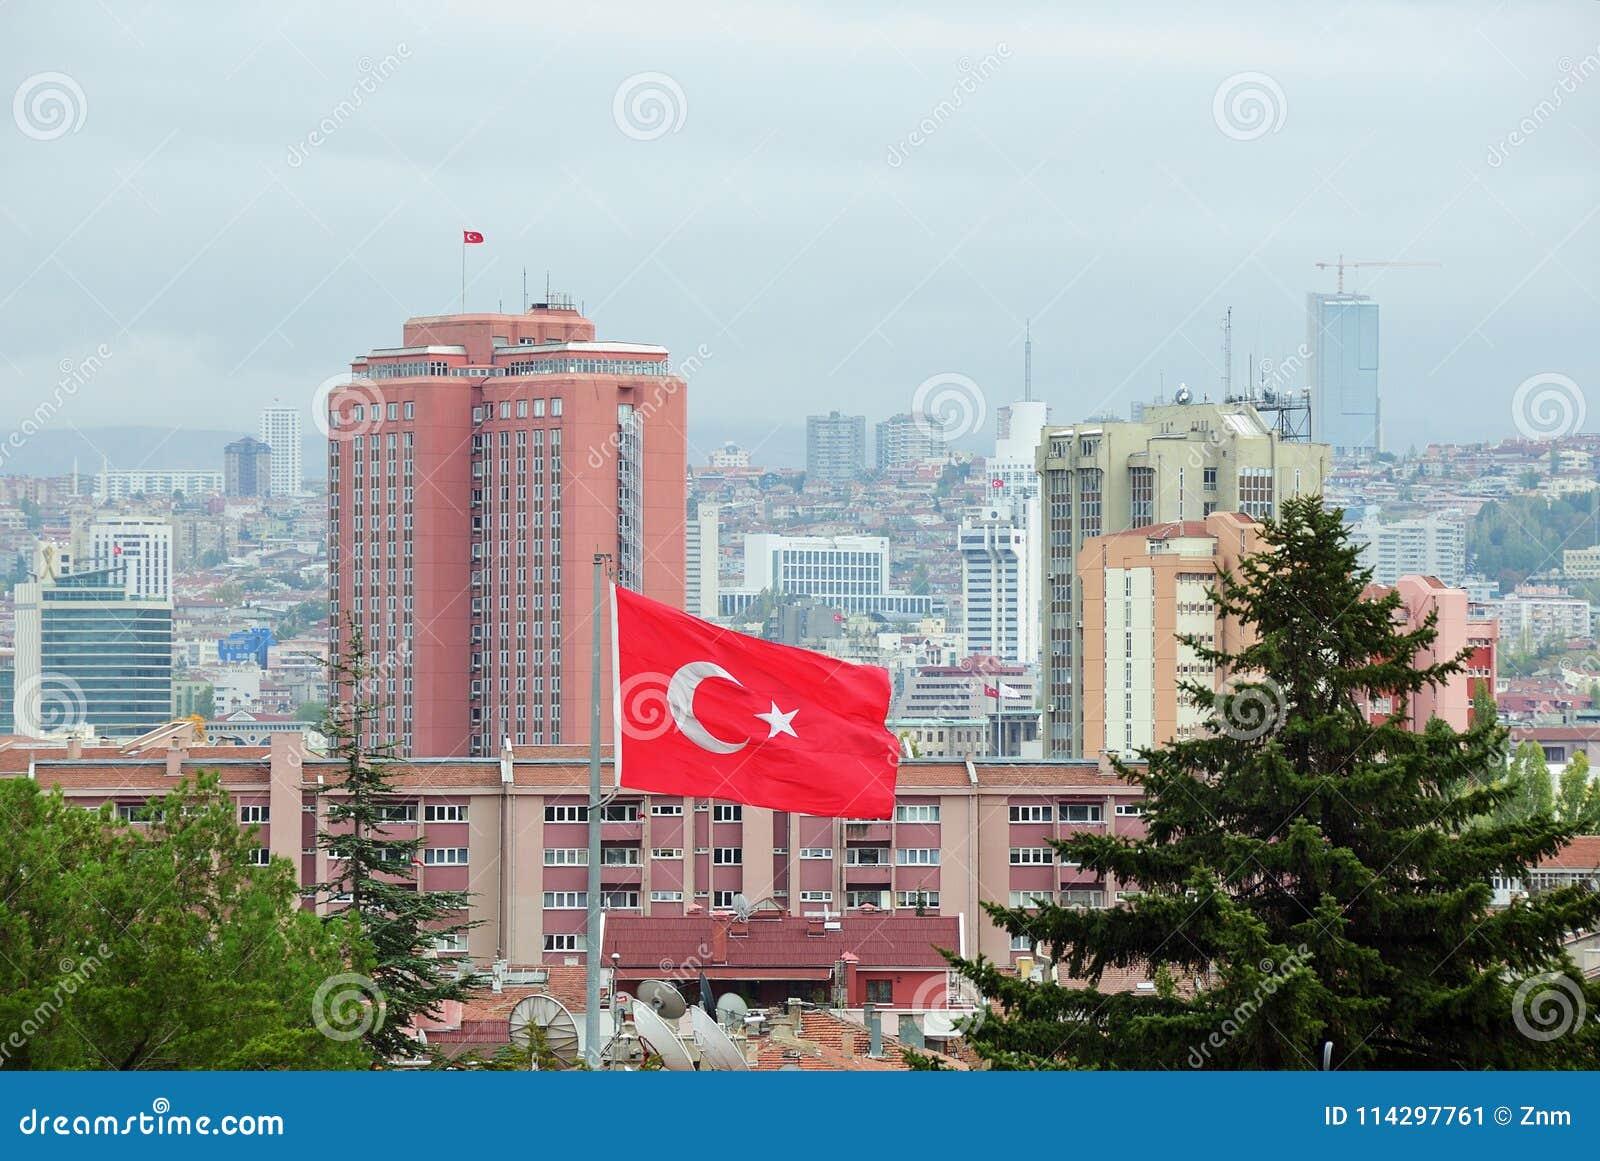 Ankara. Capital of Turkey